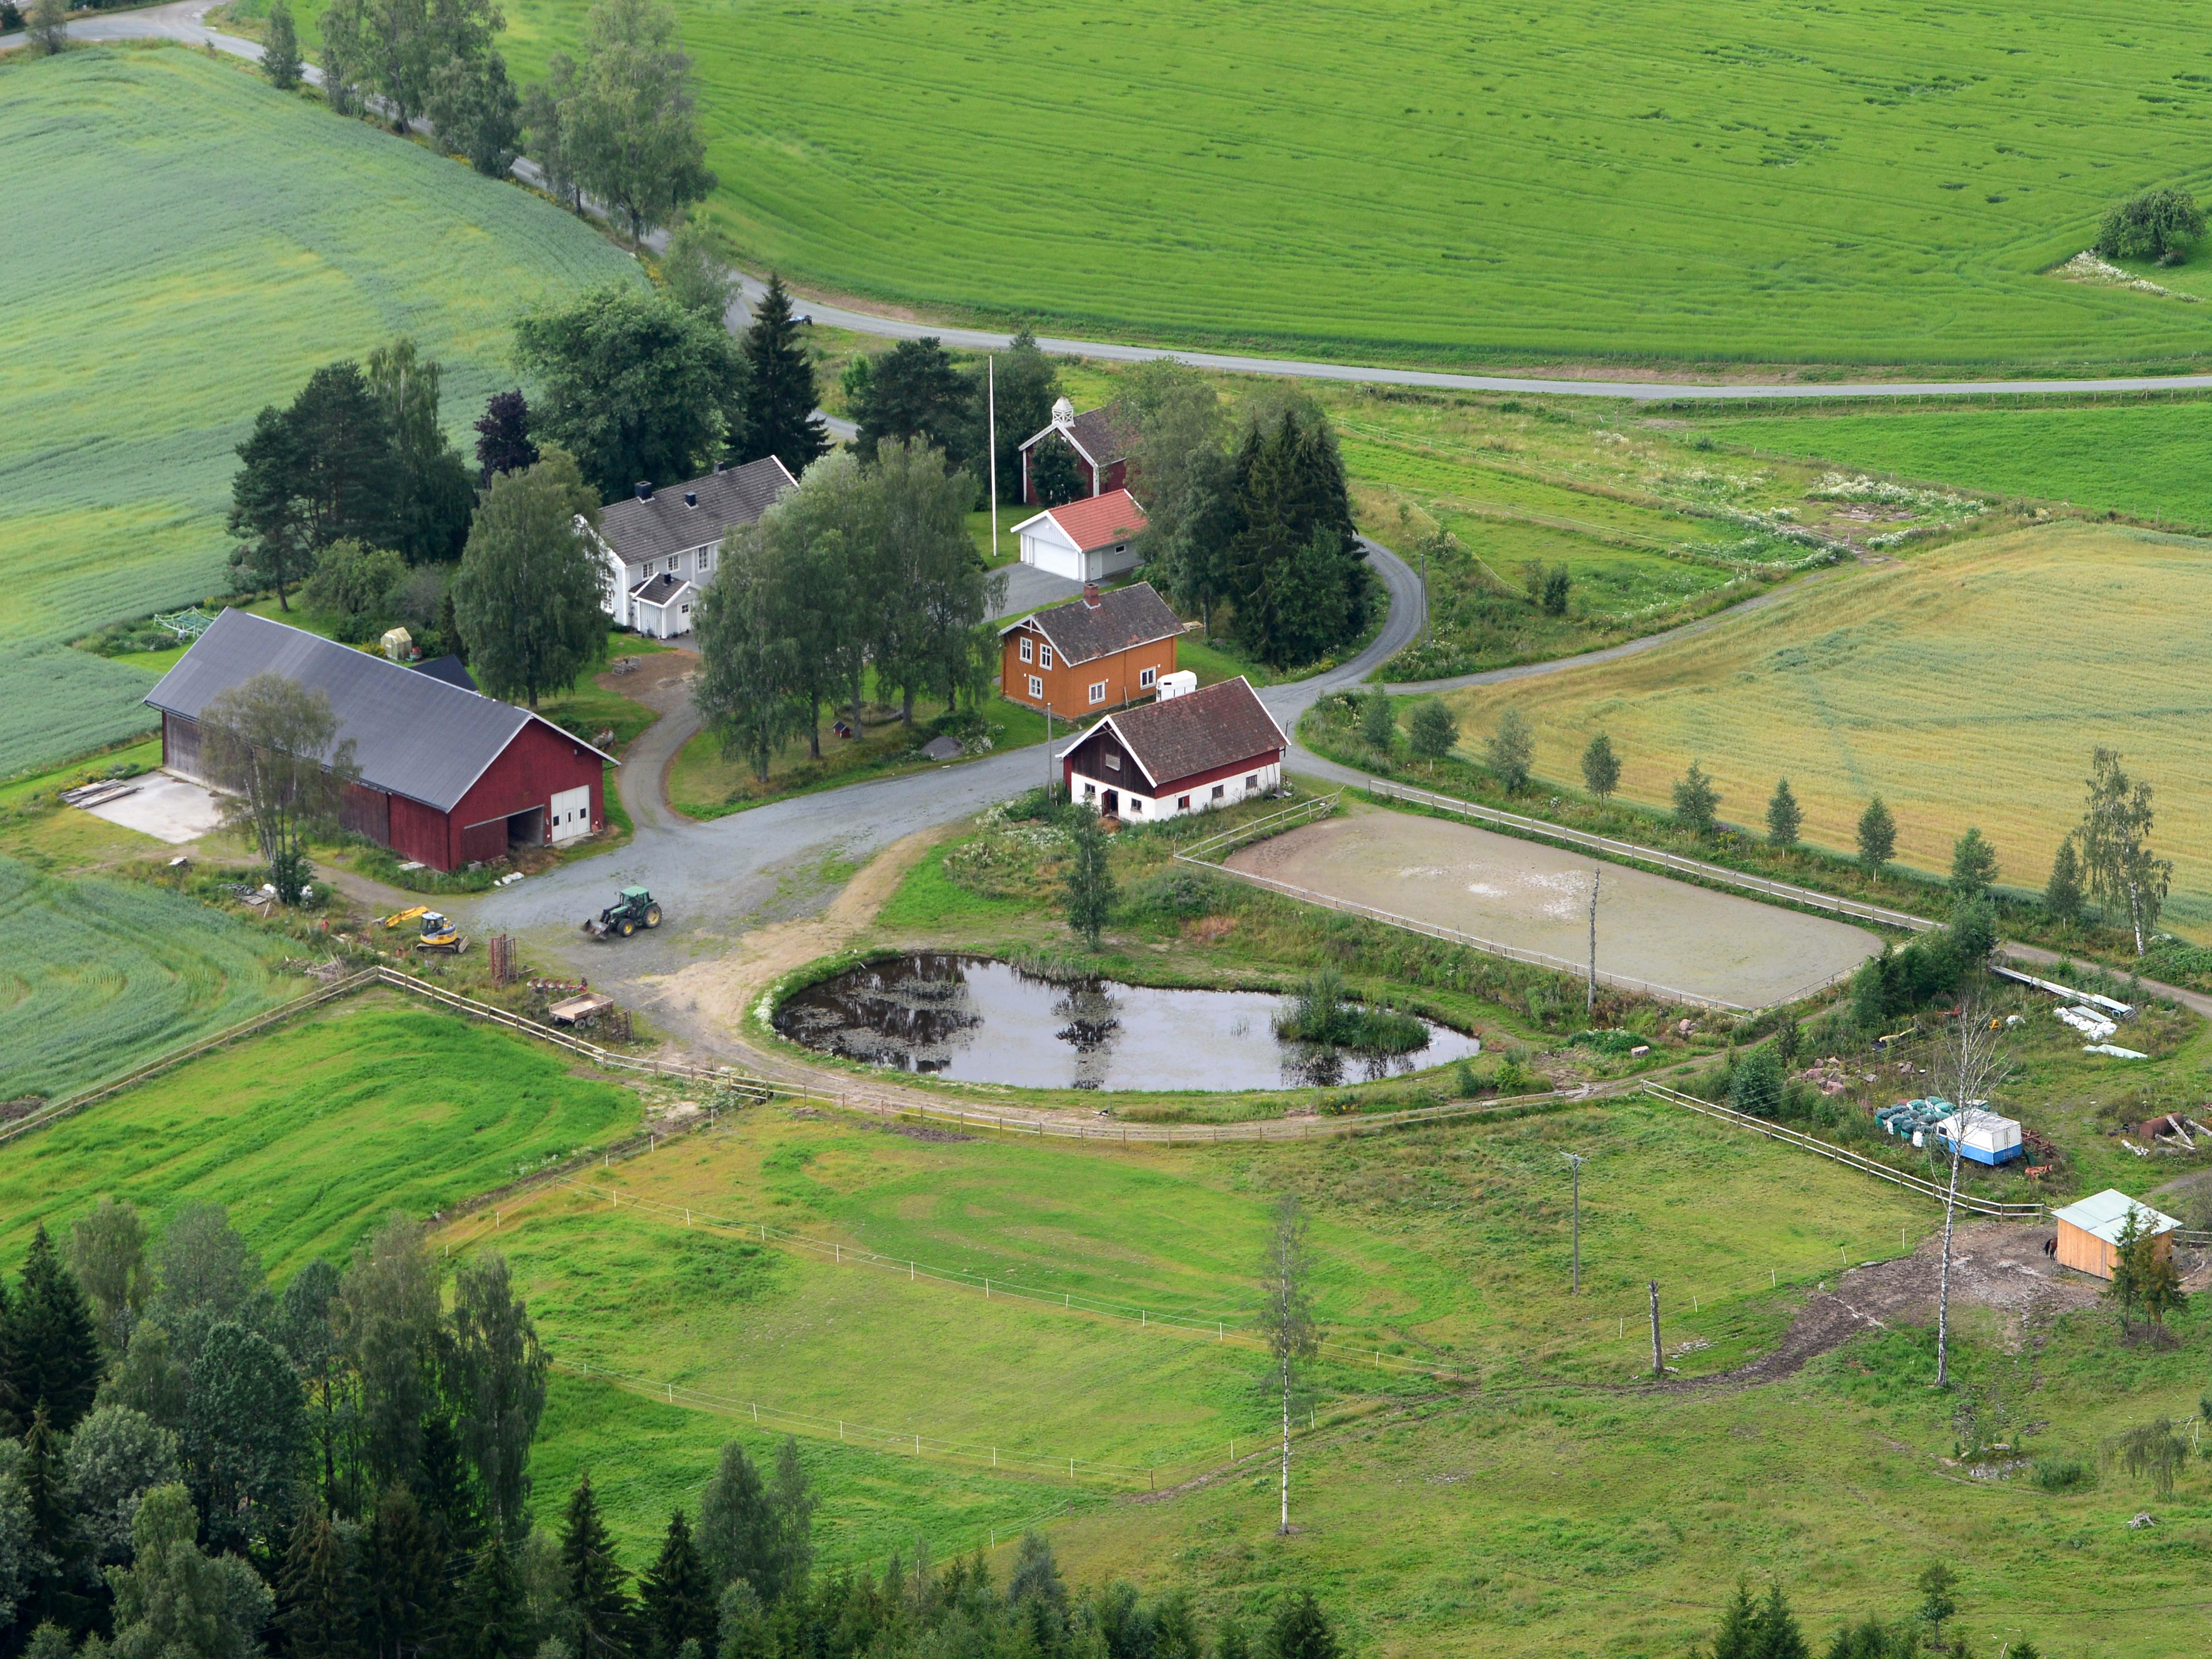 d7ab8c3e Et eksempel på tidlig bosetning i Kongsvingerdistriktet ...